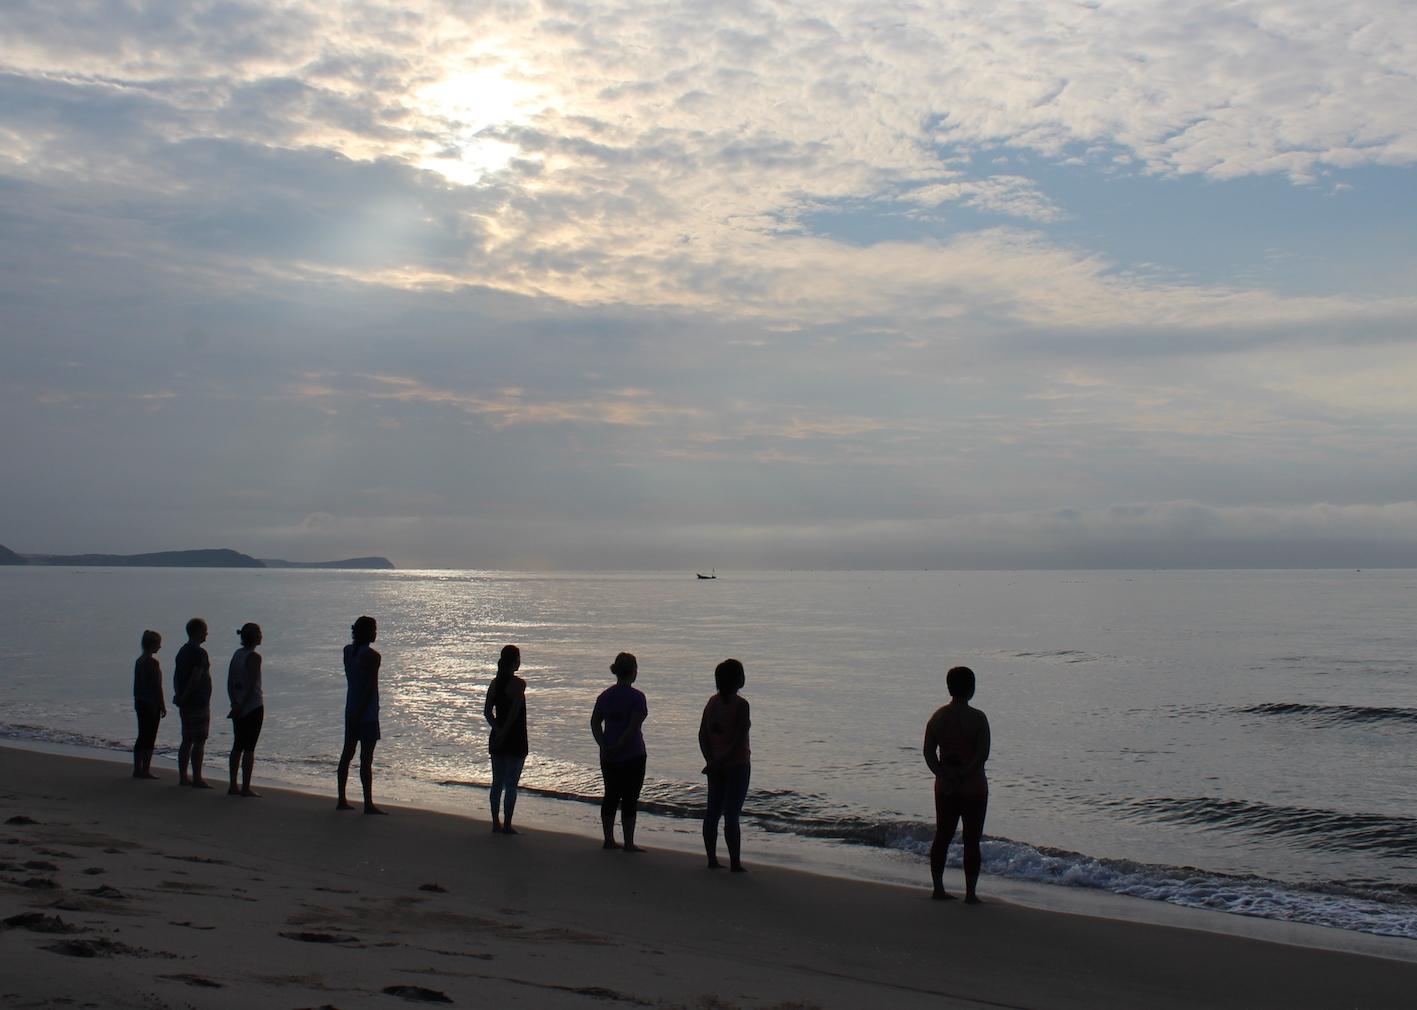 saigon-om-walking-meditation-ocean.JPG